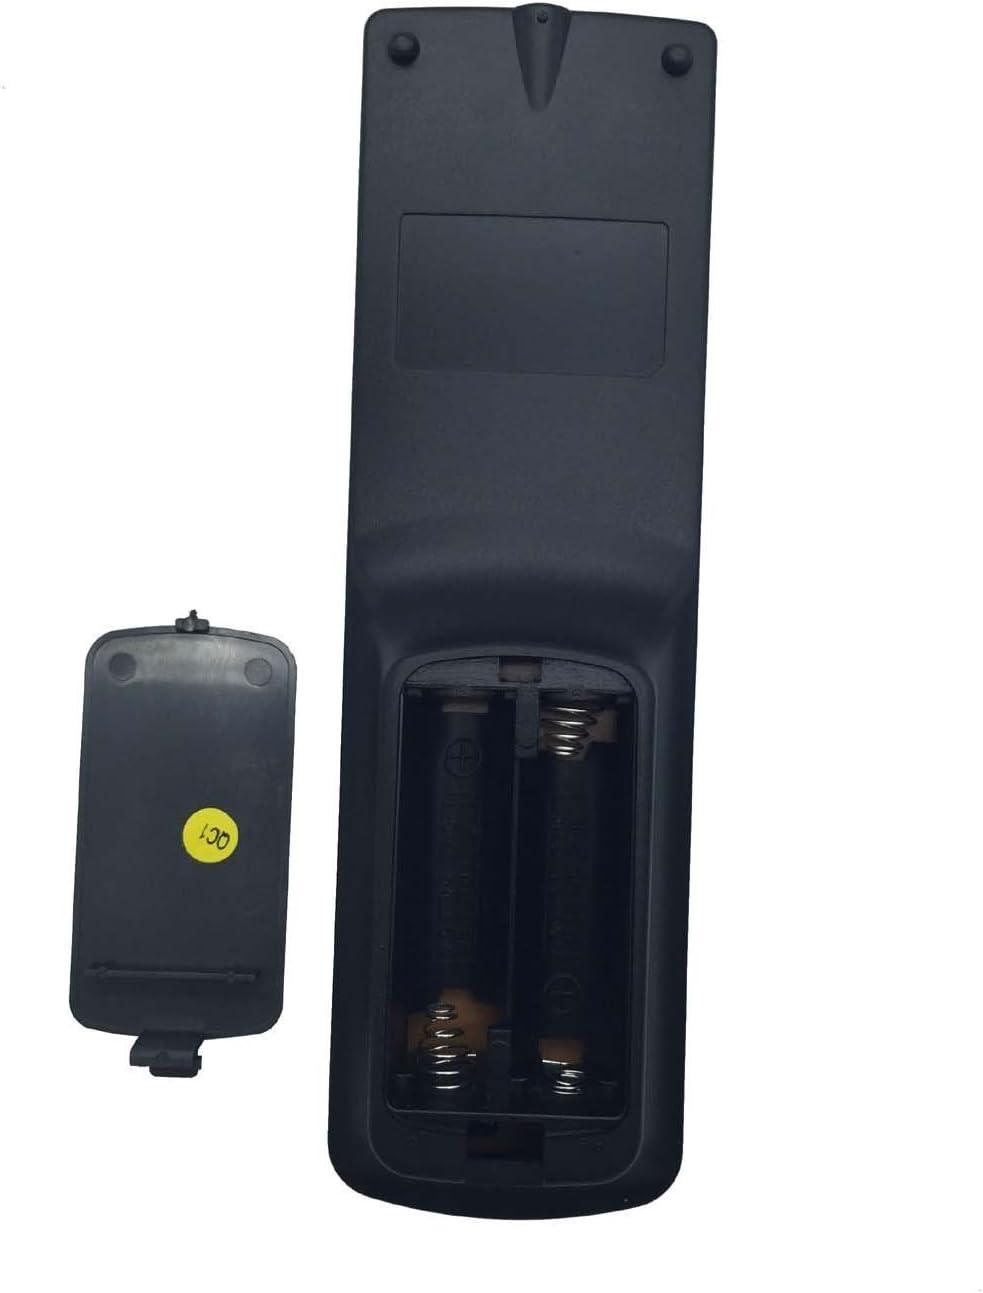 Vinabty sostituito telecomando GA574WJSA adattarsi per Sharp LC32LE600E LC32LE700E LC32LE705E LC32LU700E 010240 LC32AD5E GA574WJSA GA591WJSA GA574WJSA for LC40LE600E LC40LE700E LC40LE705E LC40LU700E